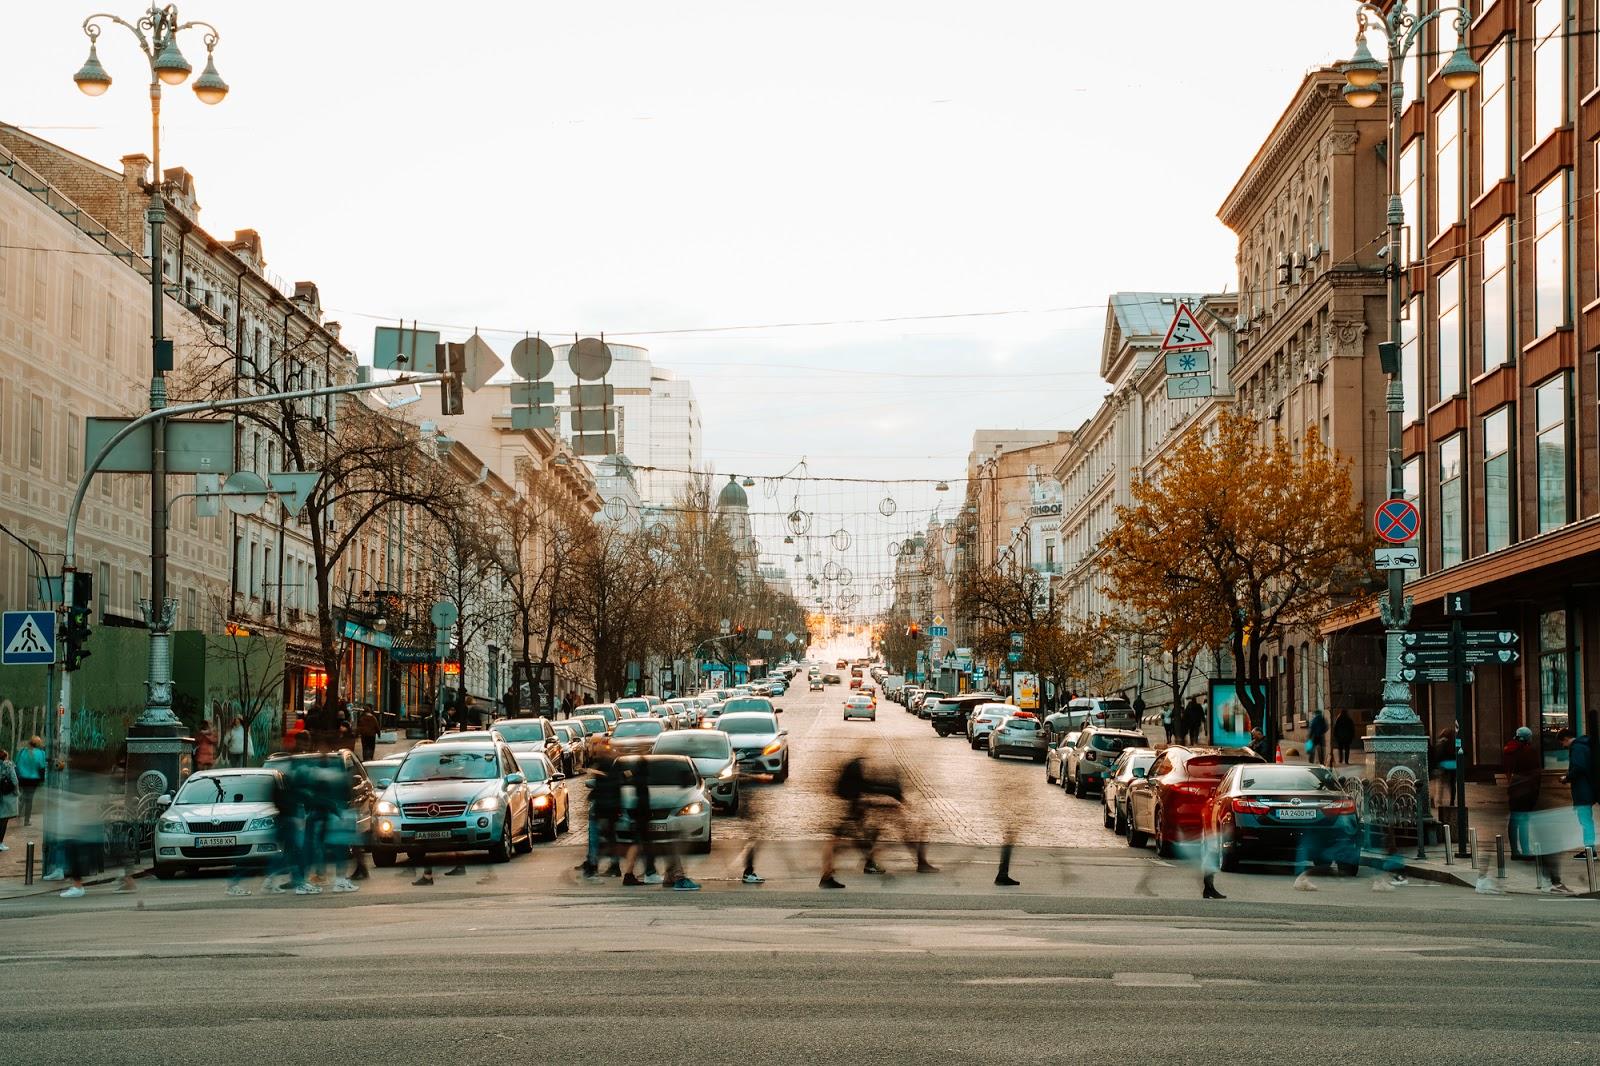 Где посмотреть и заказать билеты на автобус Одесса Киев